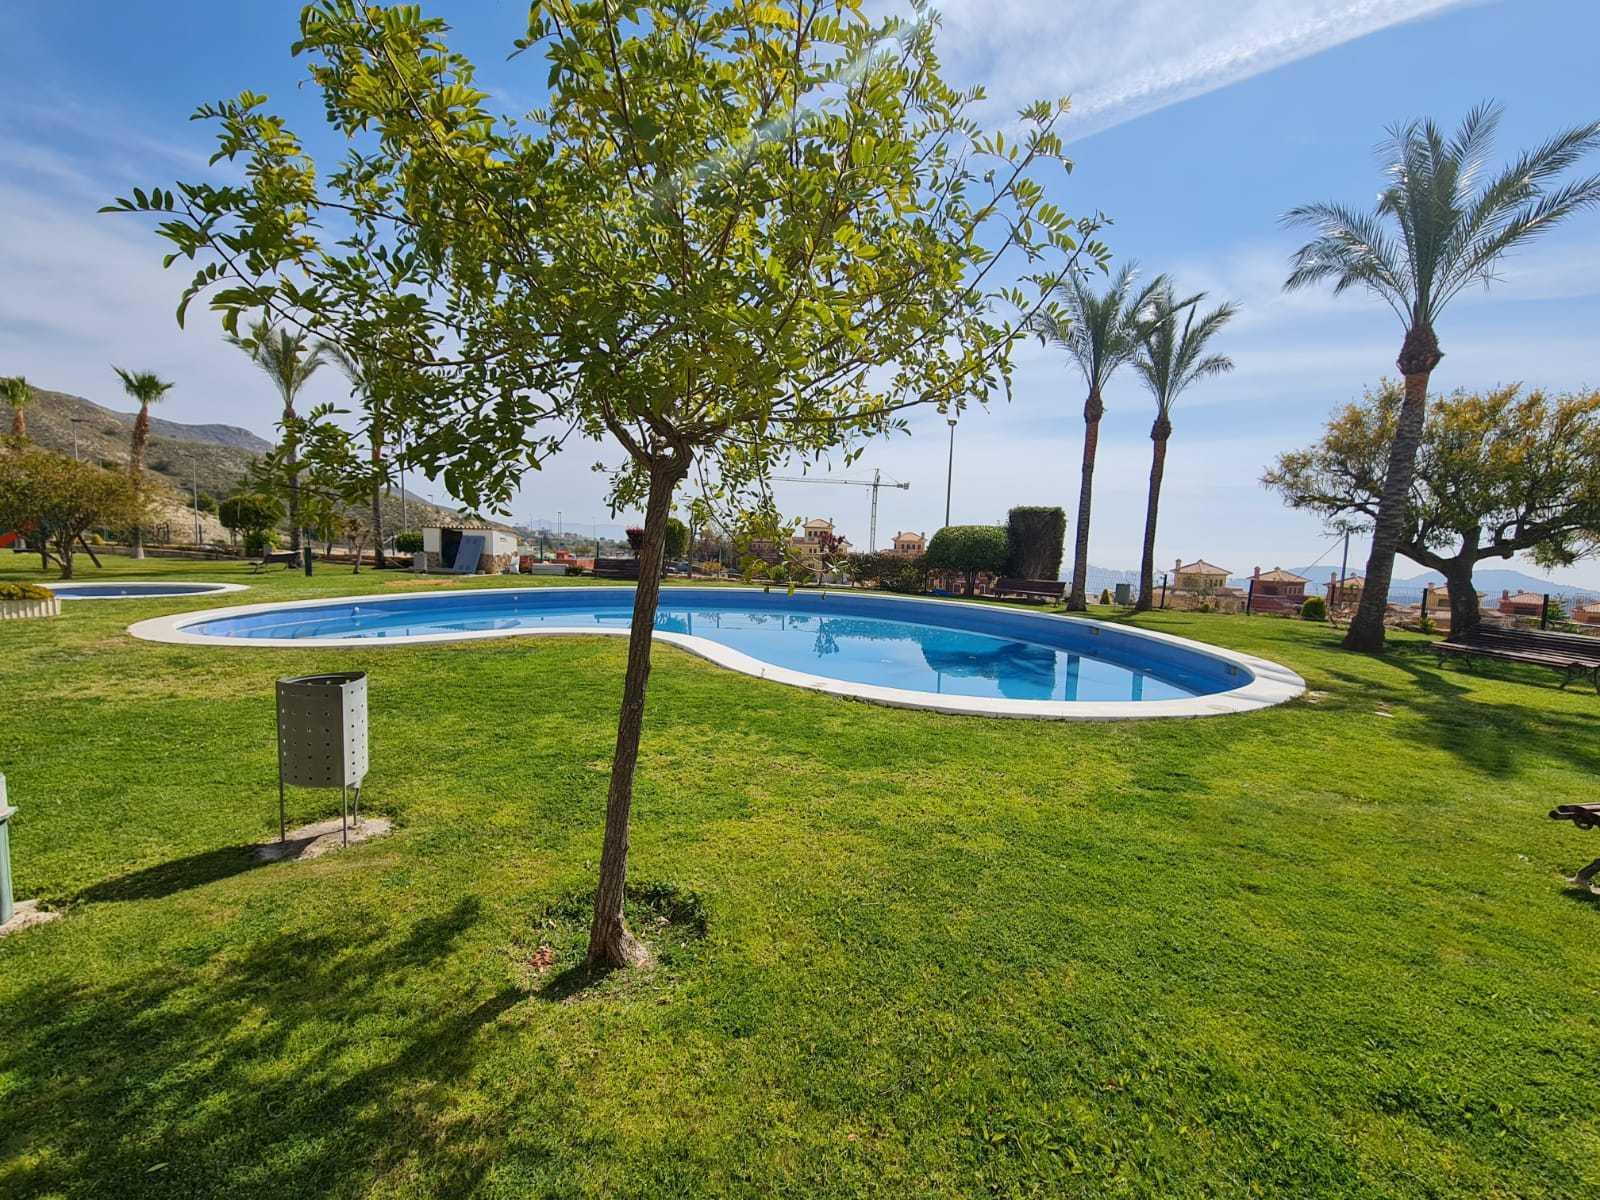 Bungalow en venta en Finestrat en urbanizacion con piscina